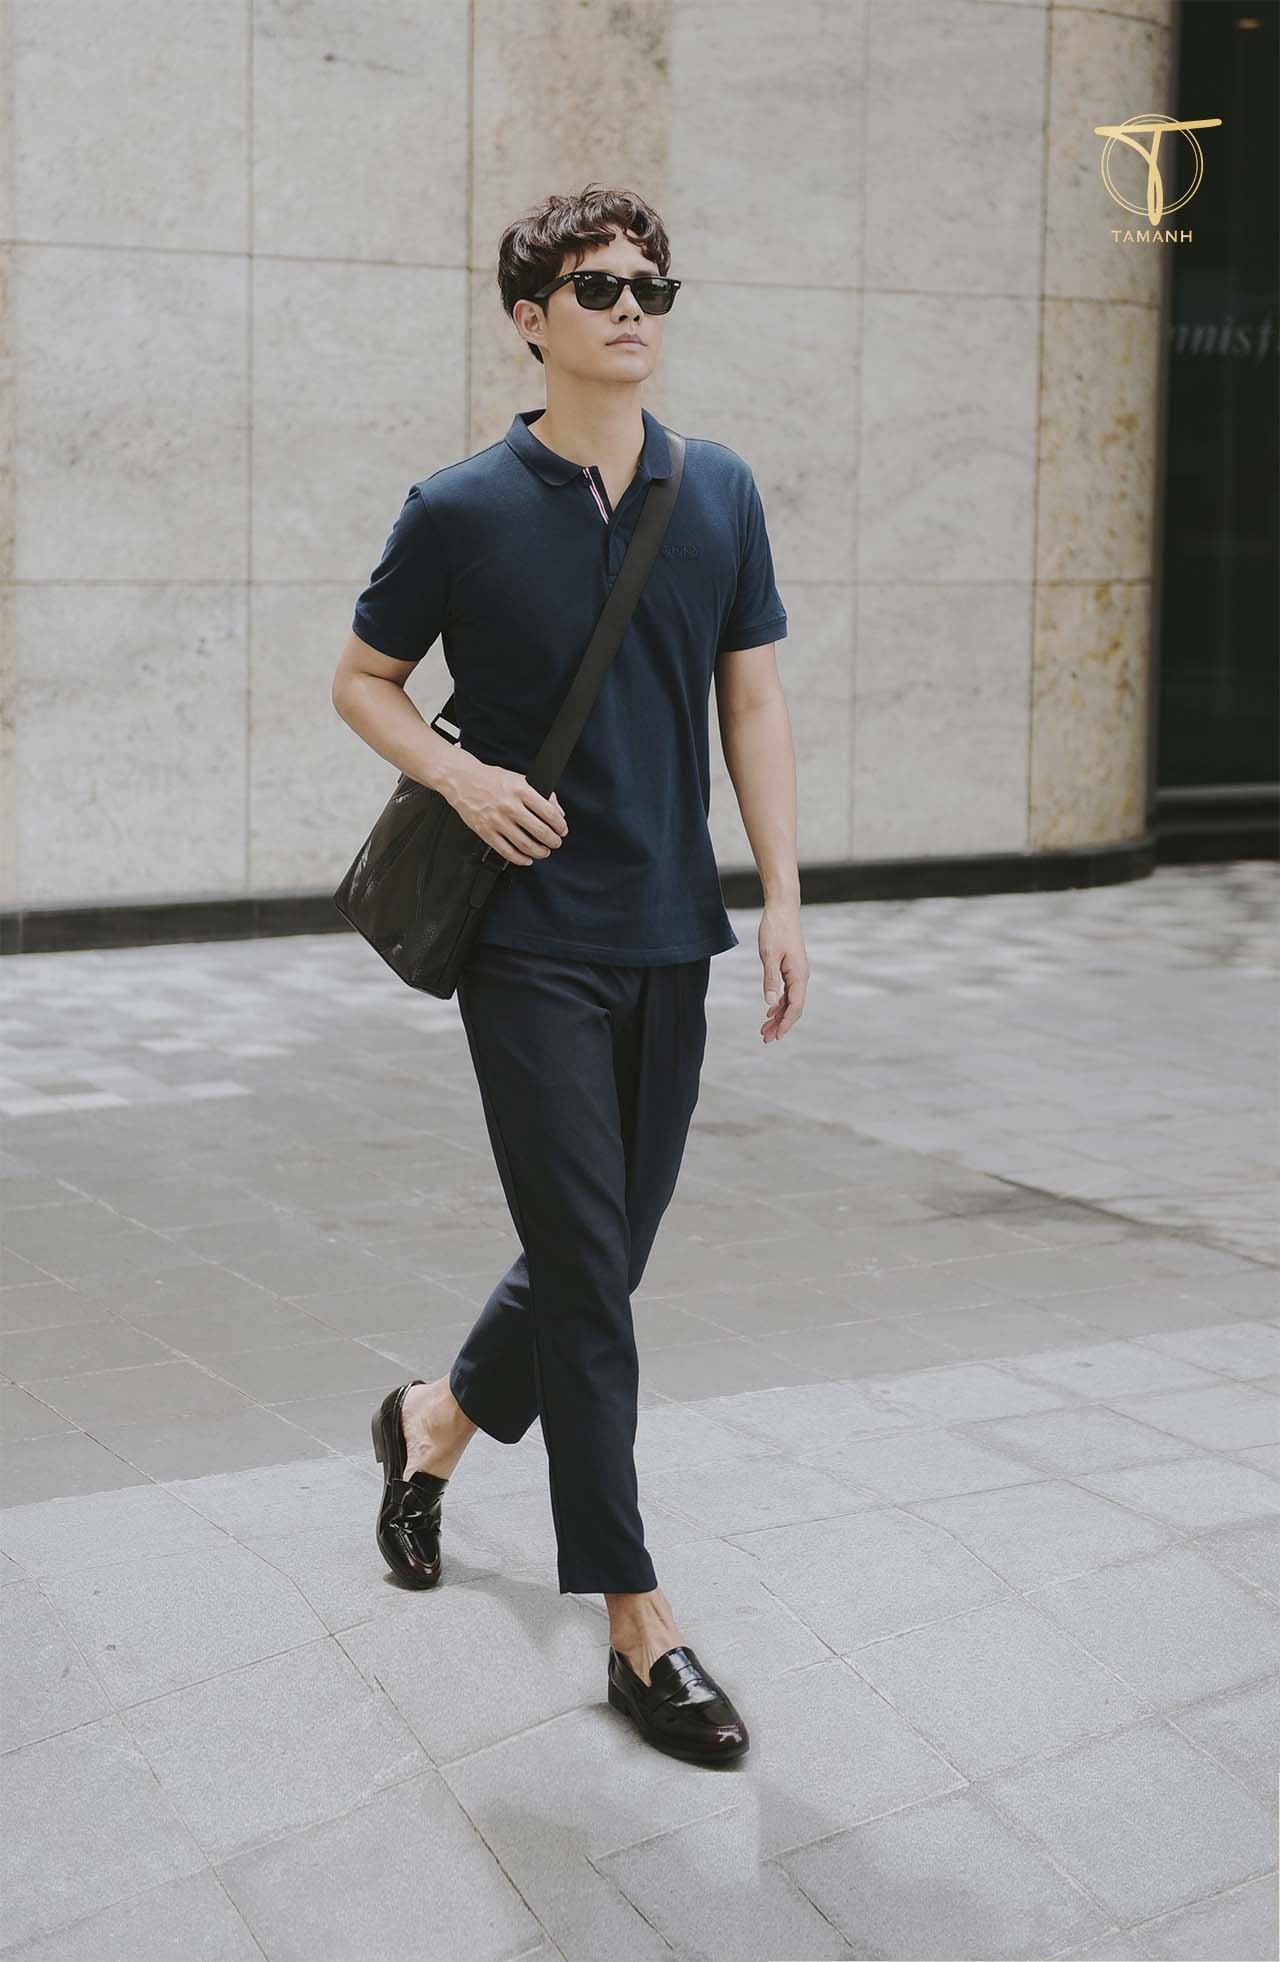 Giày Loafer và quần âu, áo thun